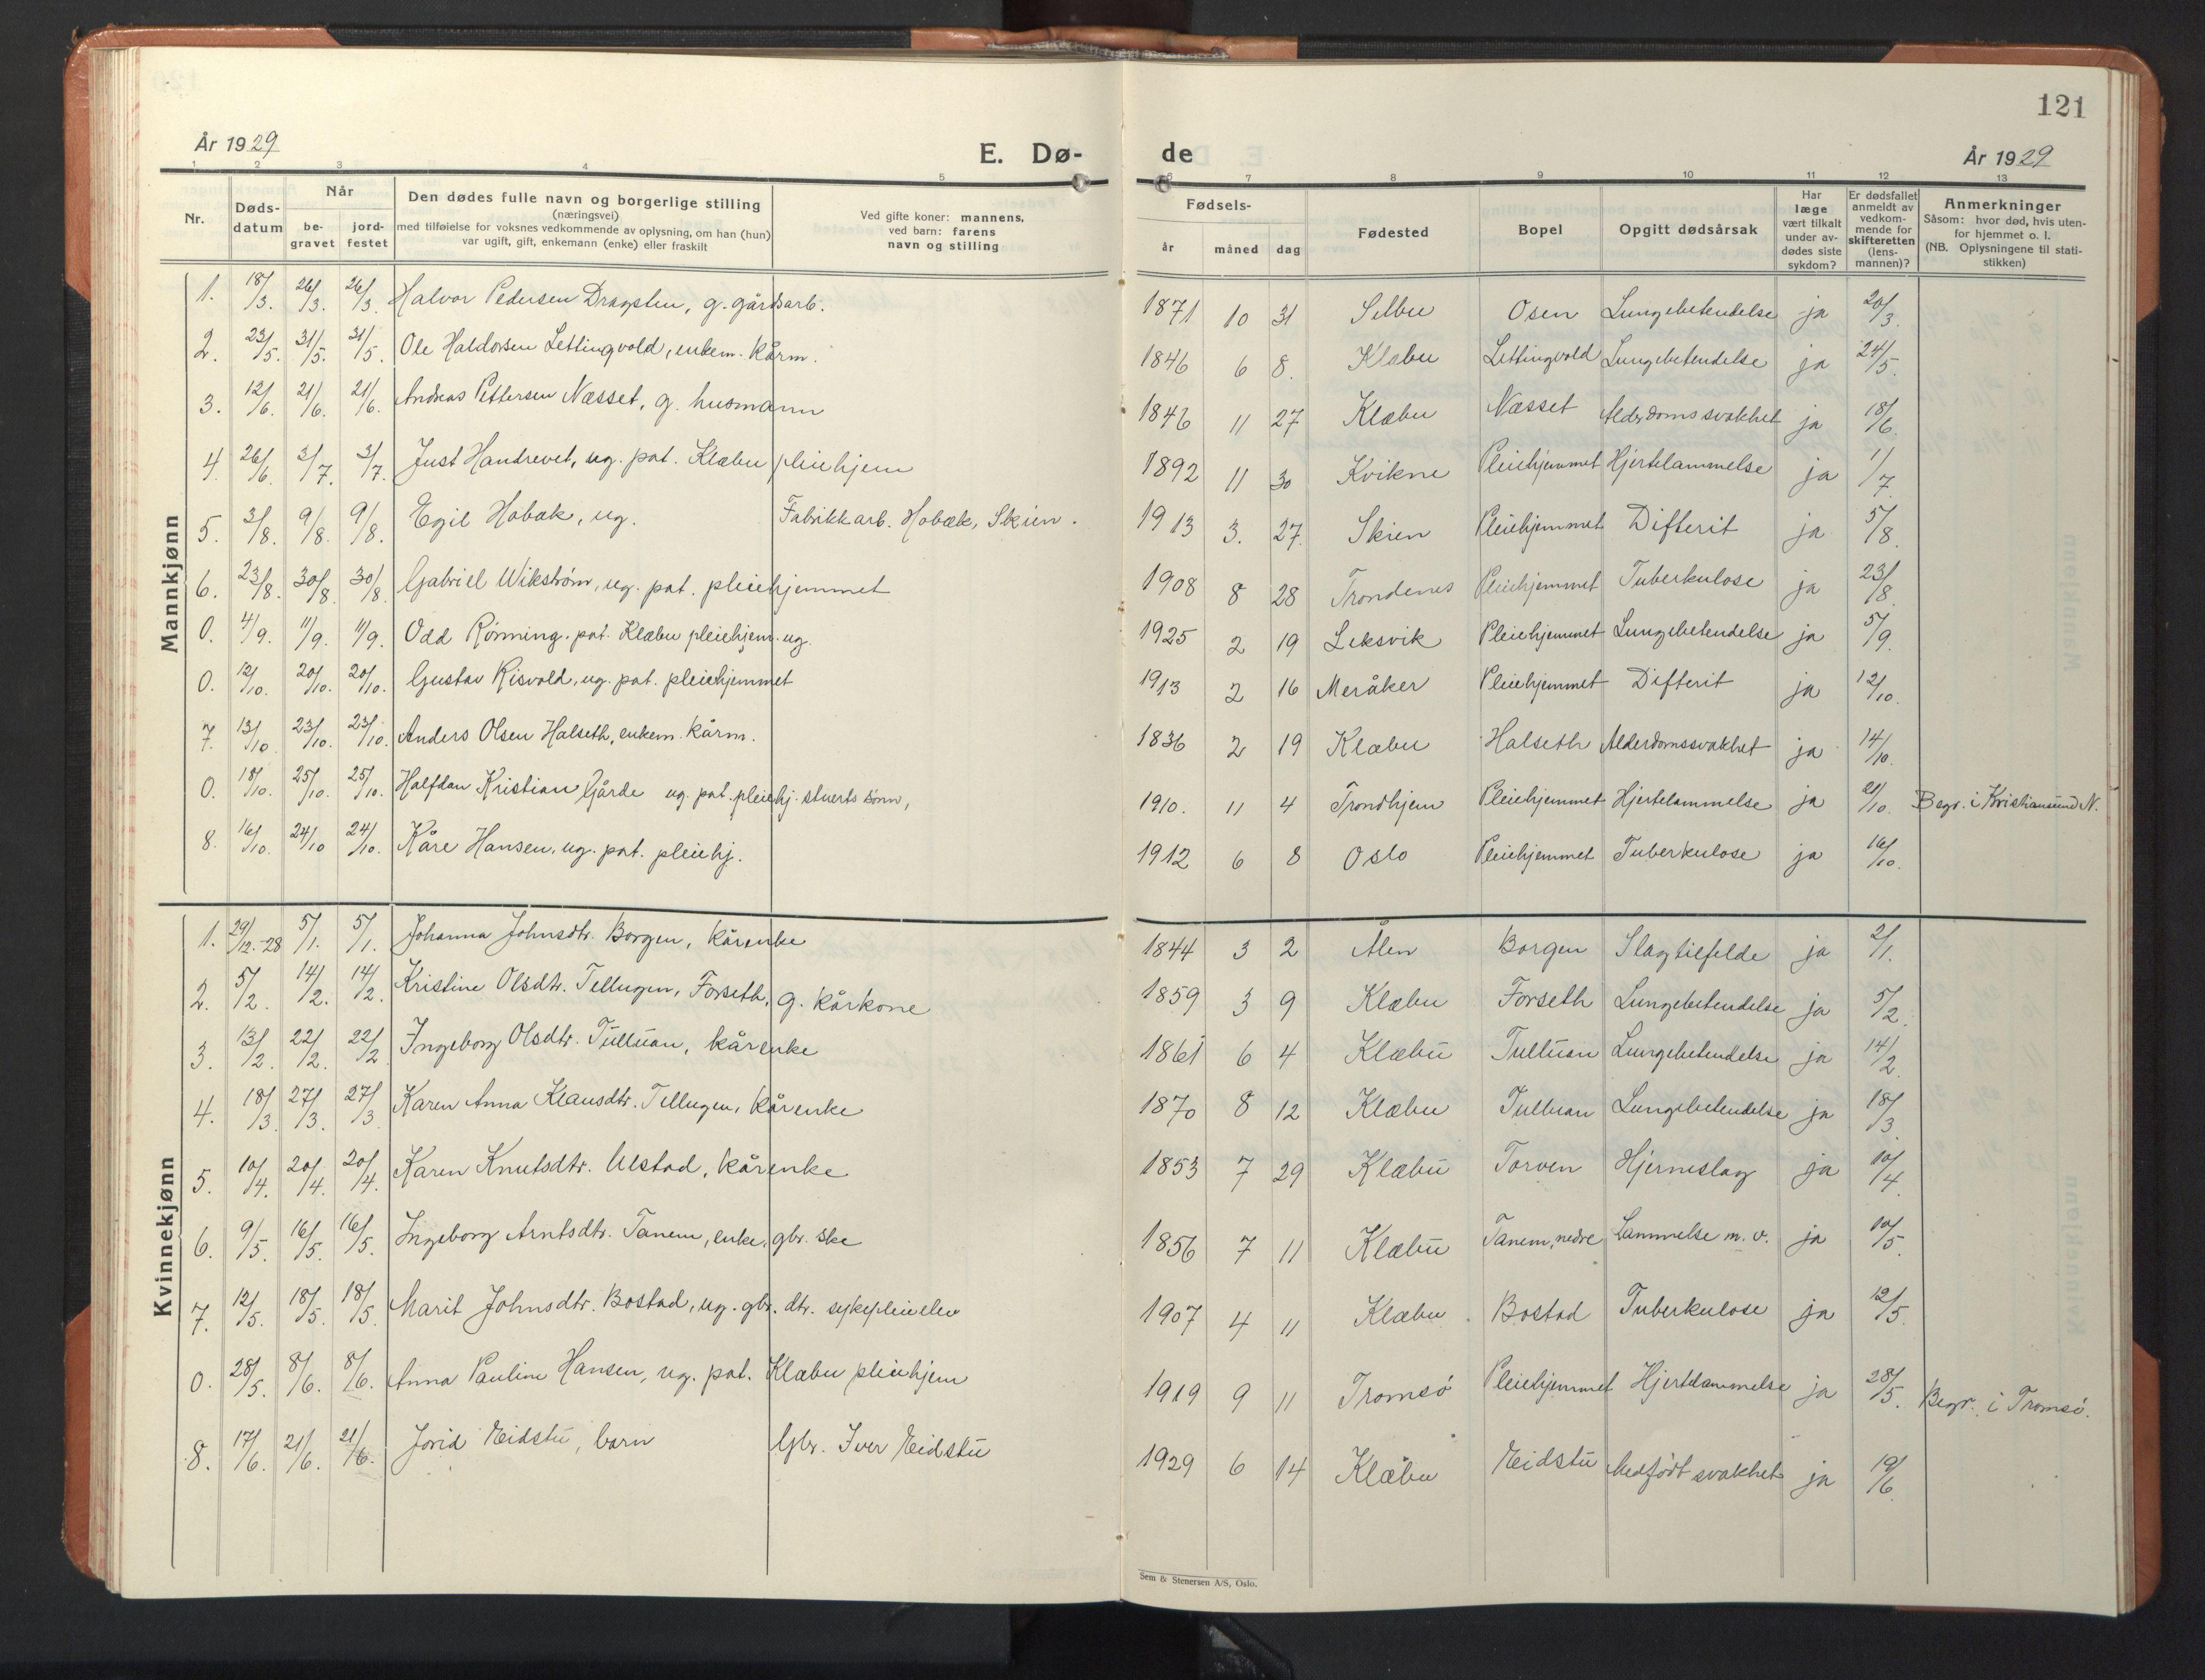 SAT, Ministerialprotokoller, klokkerbøker og fødselsregistre - Sør-Trøndelag, 618/L0454: Klokkerbok nr. 618C05, 1926-1946, s. 121